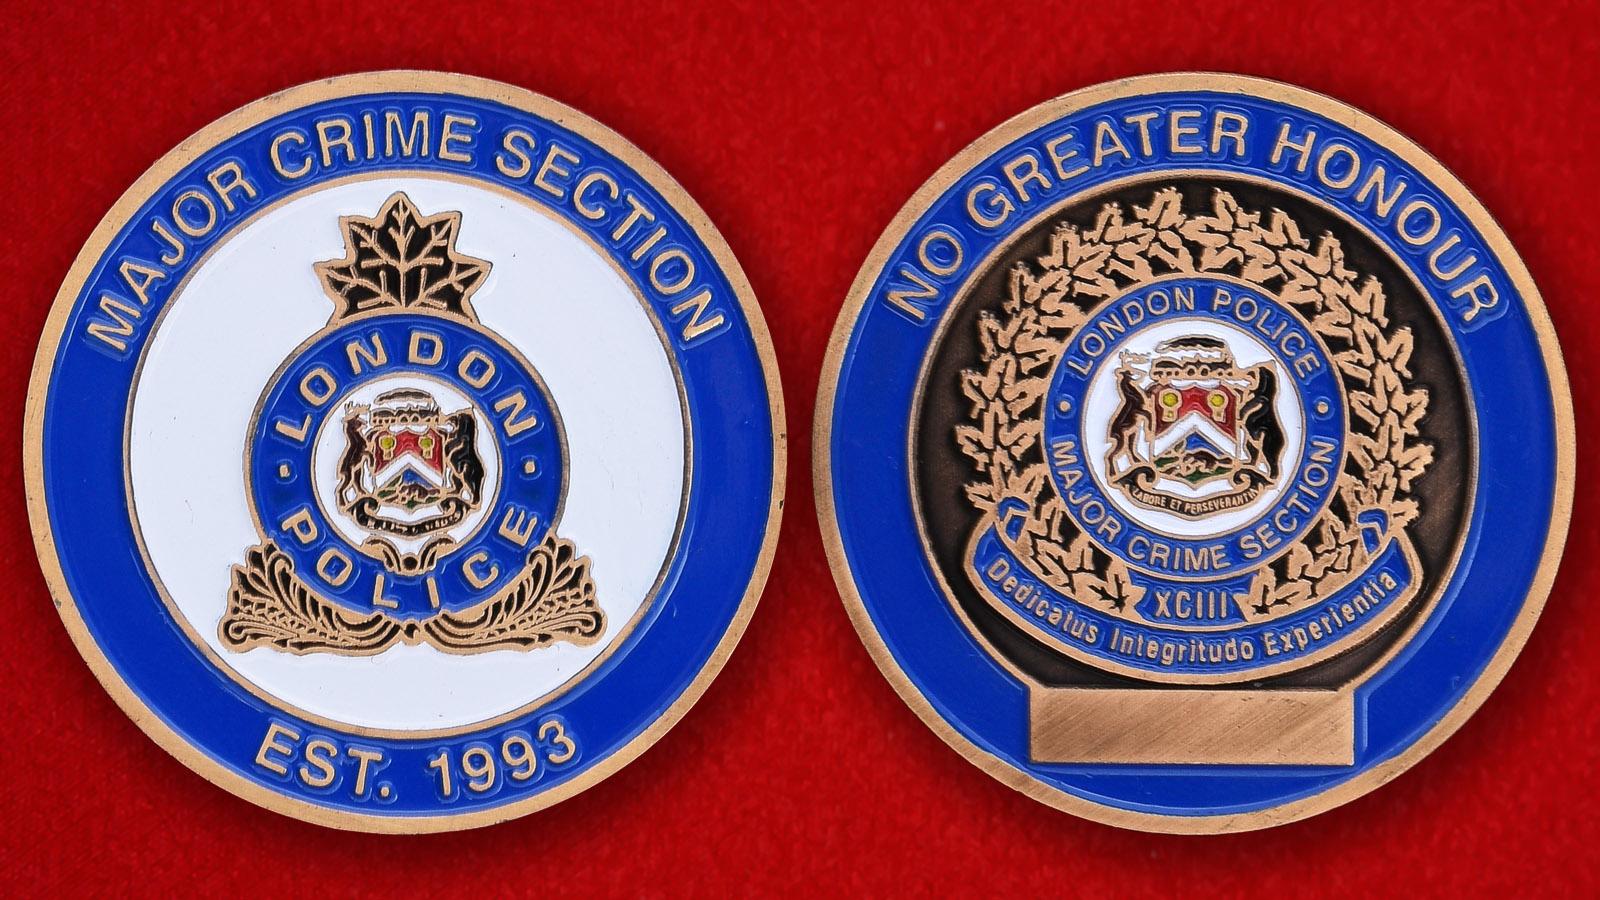 Челлендж коин уголовной полиции Лондона (Онтарио, Канада)